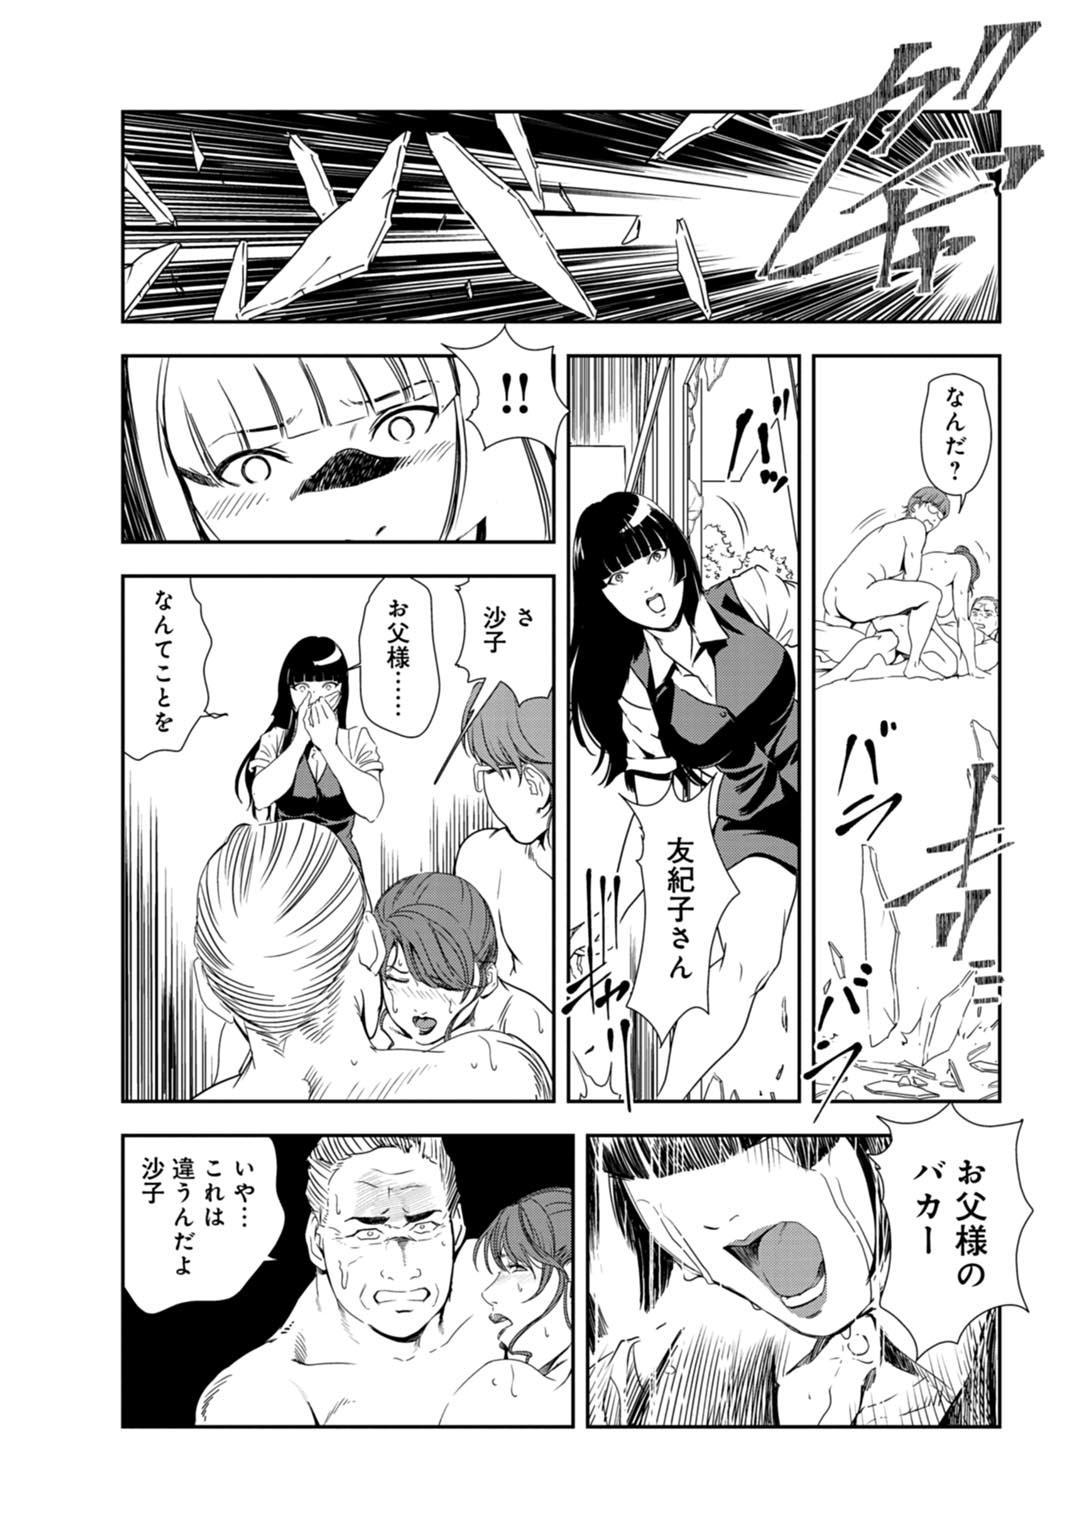 Nikuhisyo Yukiko 26 89